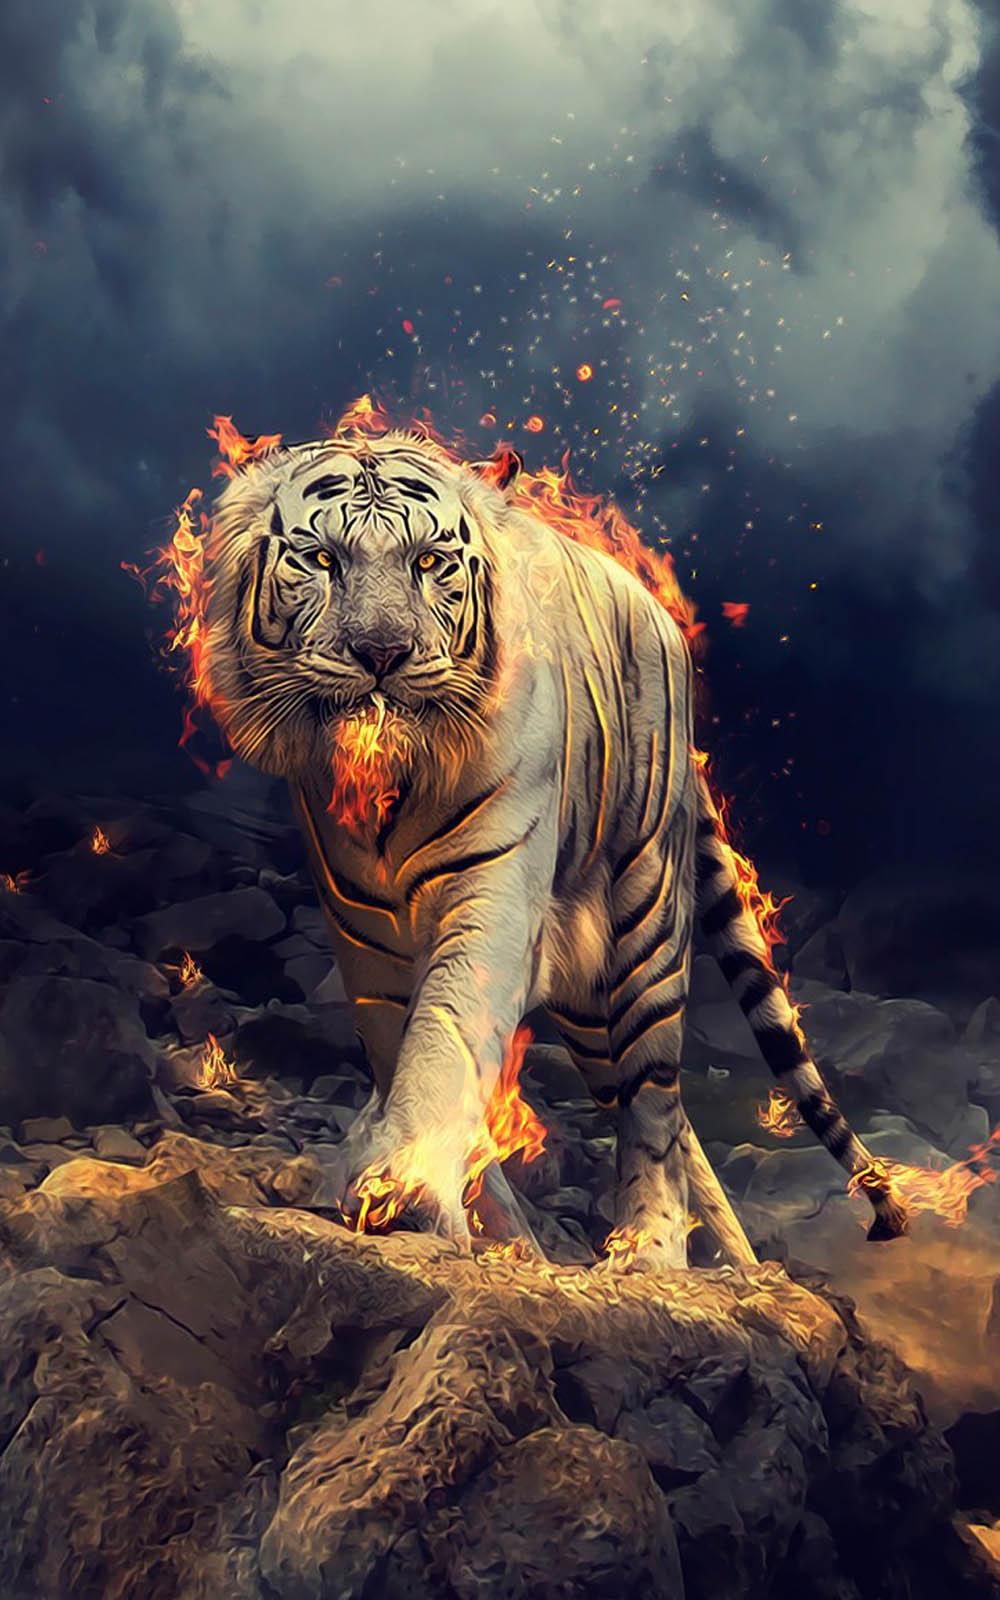 White Tiger Fire CGI Free 4K Ultra HD Mobile Wallpaper